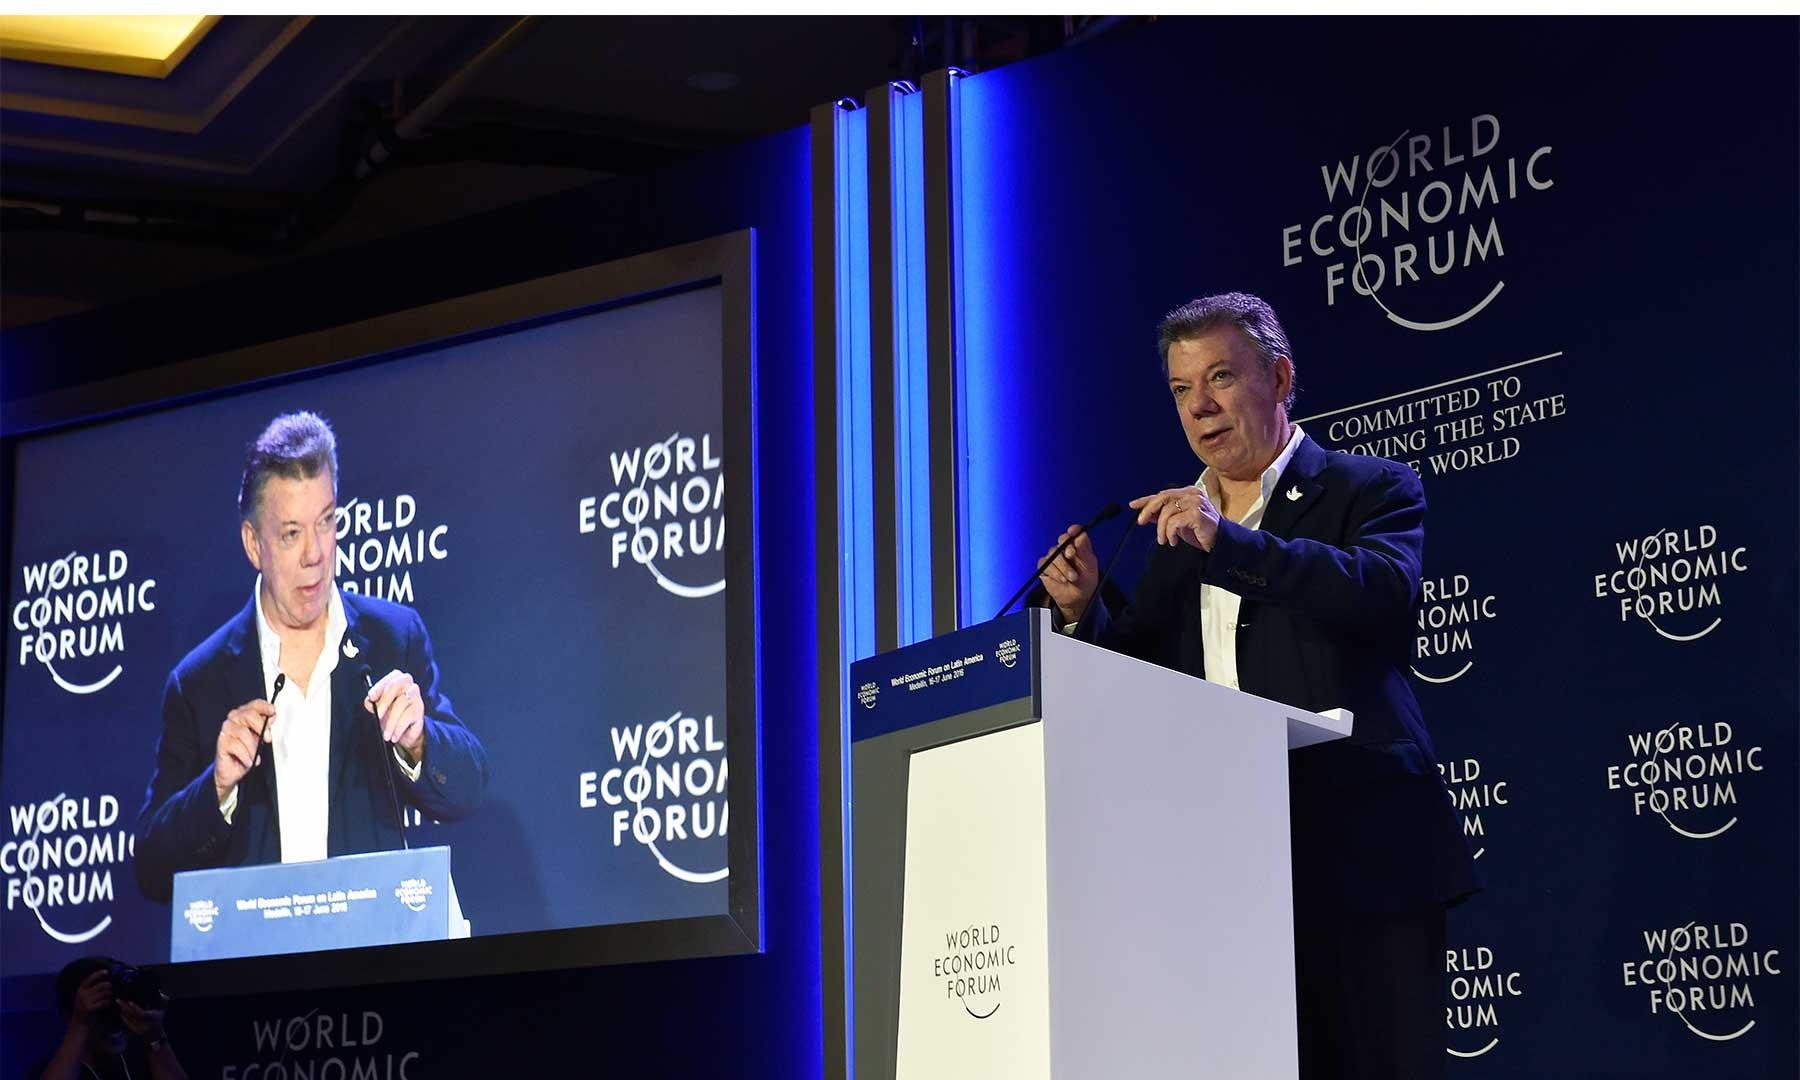 El Presidente Juan Manuel Santos reiteró en el Foro Económico Mundial para Latinoamérica, que la seguridad es fundamental para que un país pueda alcanzar importantes niveles de crecimiento.